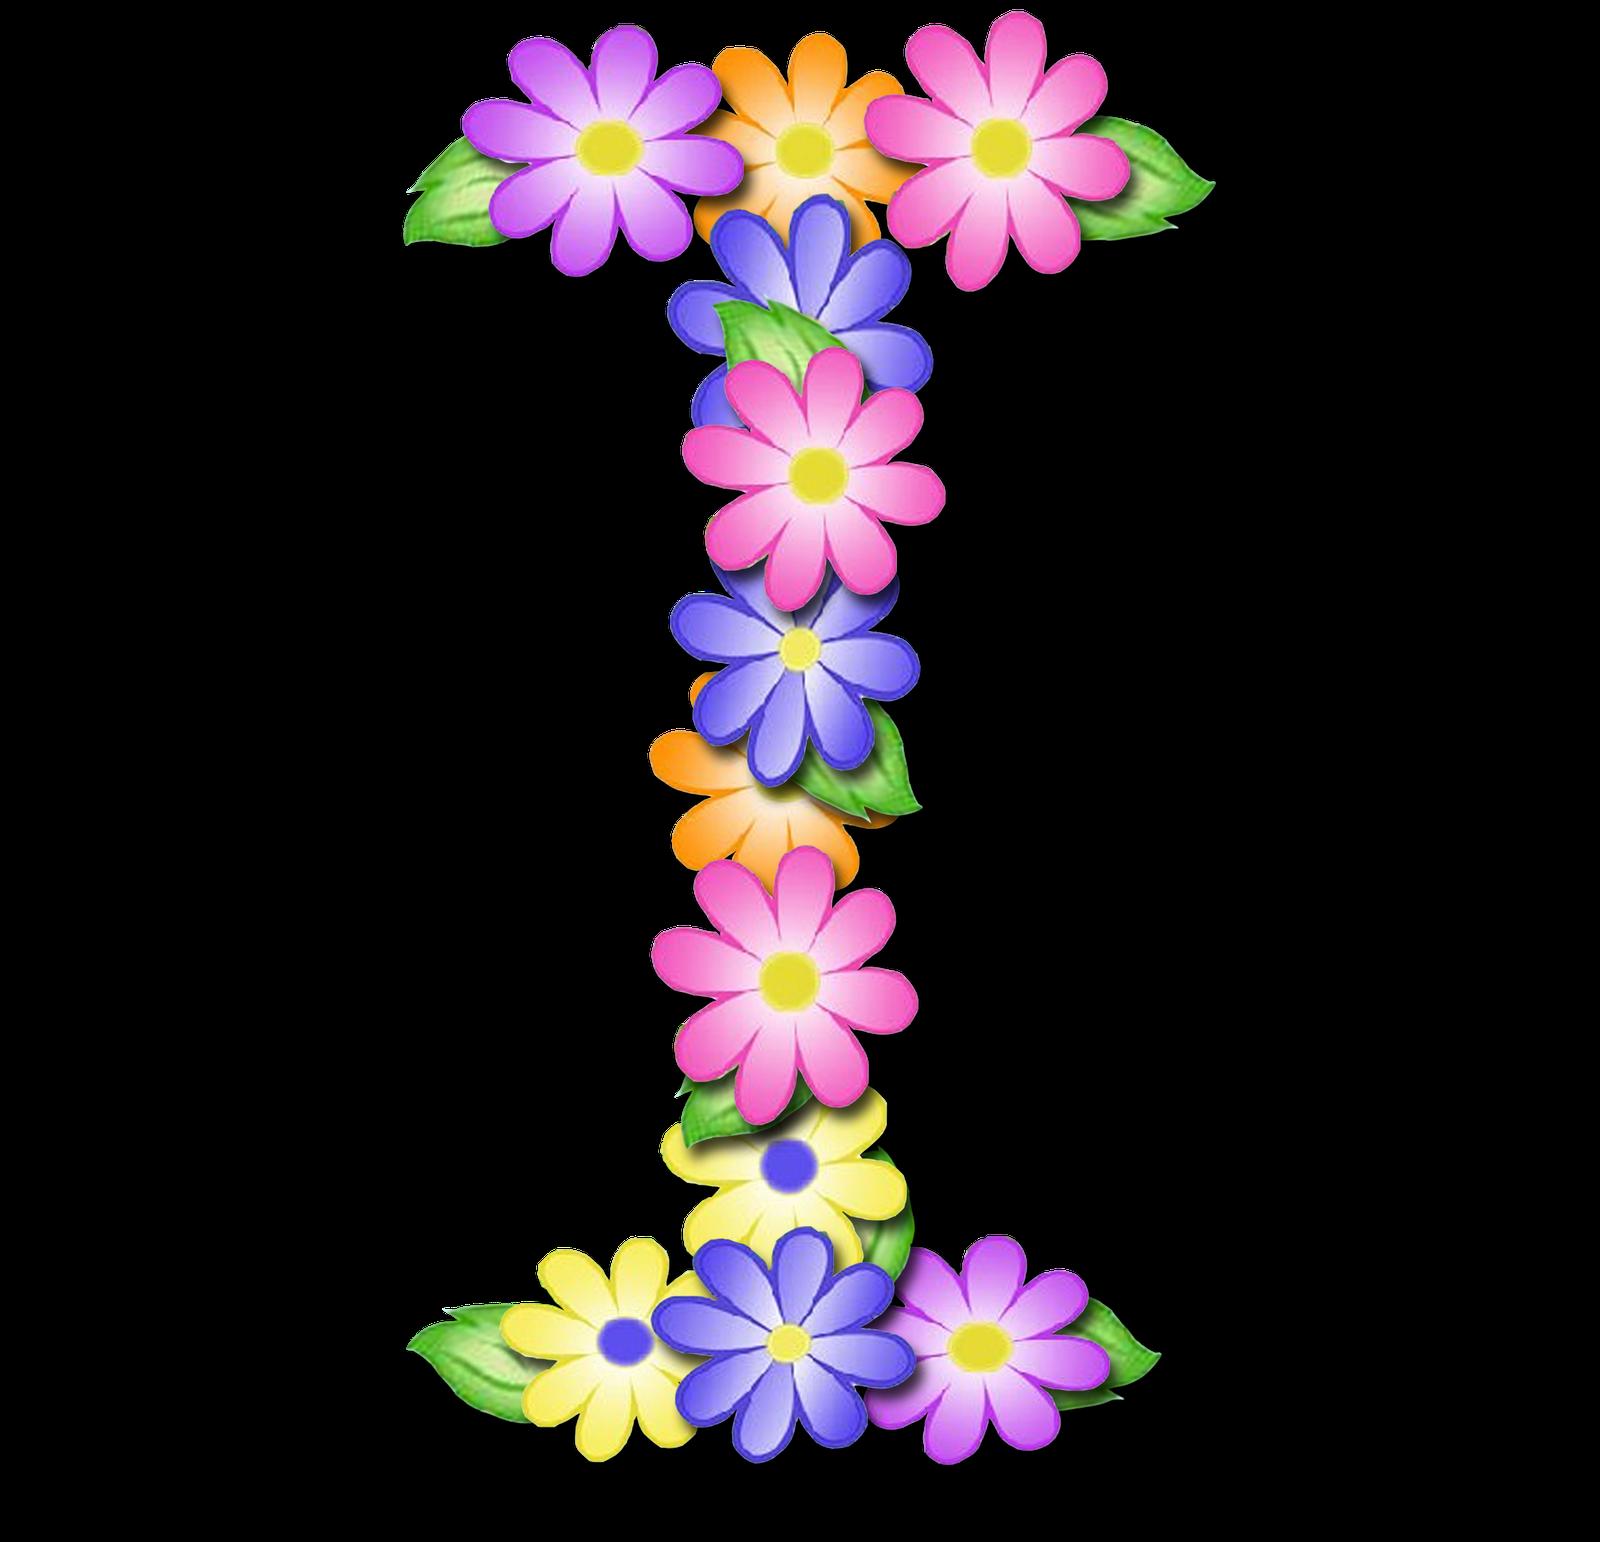 صور الحروف الإنجليزية بأجمل الزهور والورود بخلفية شفافة بنج png وجودة عالية للمصممين :: إبحث عن حروف إسمك بالإنجليزية I